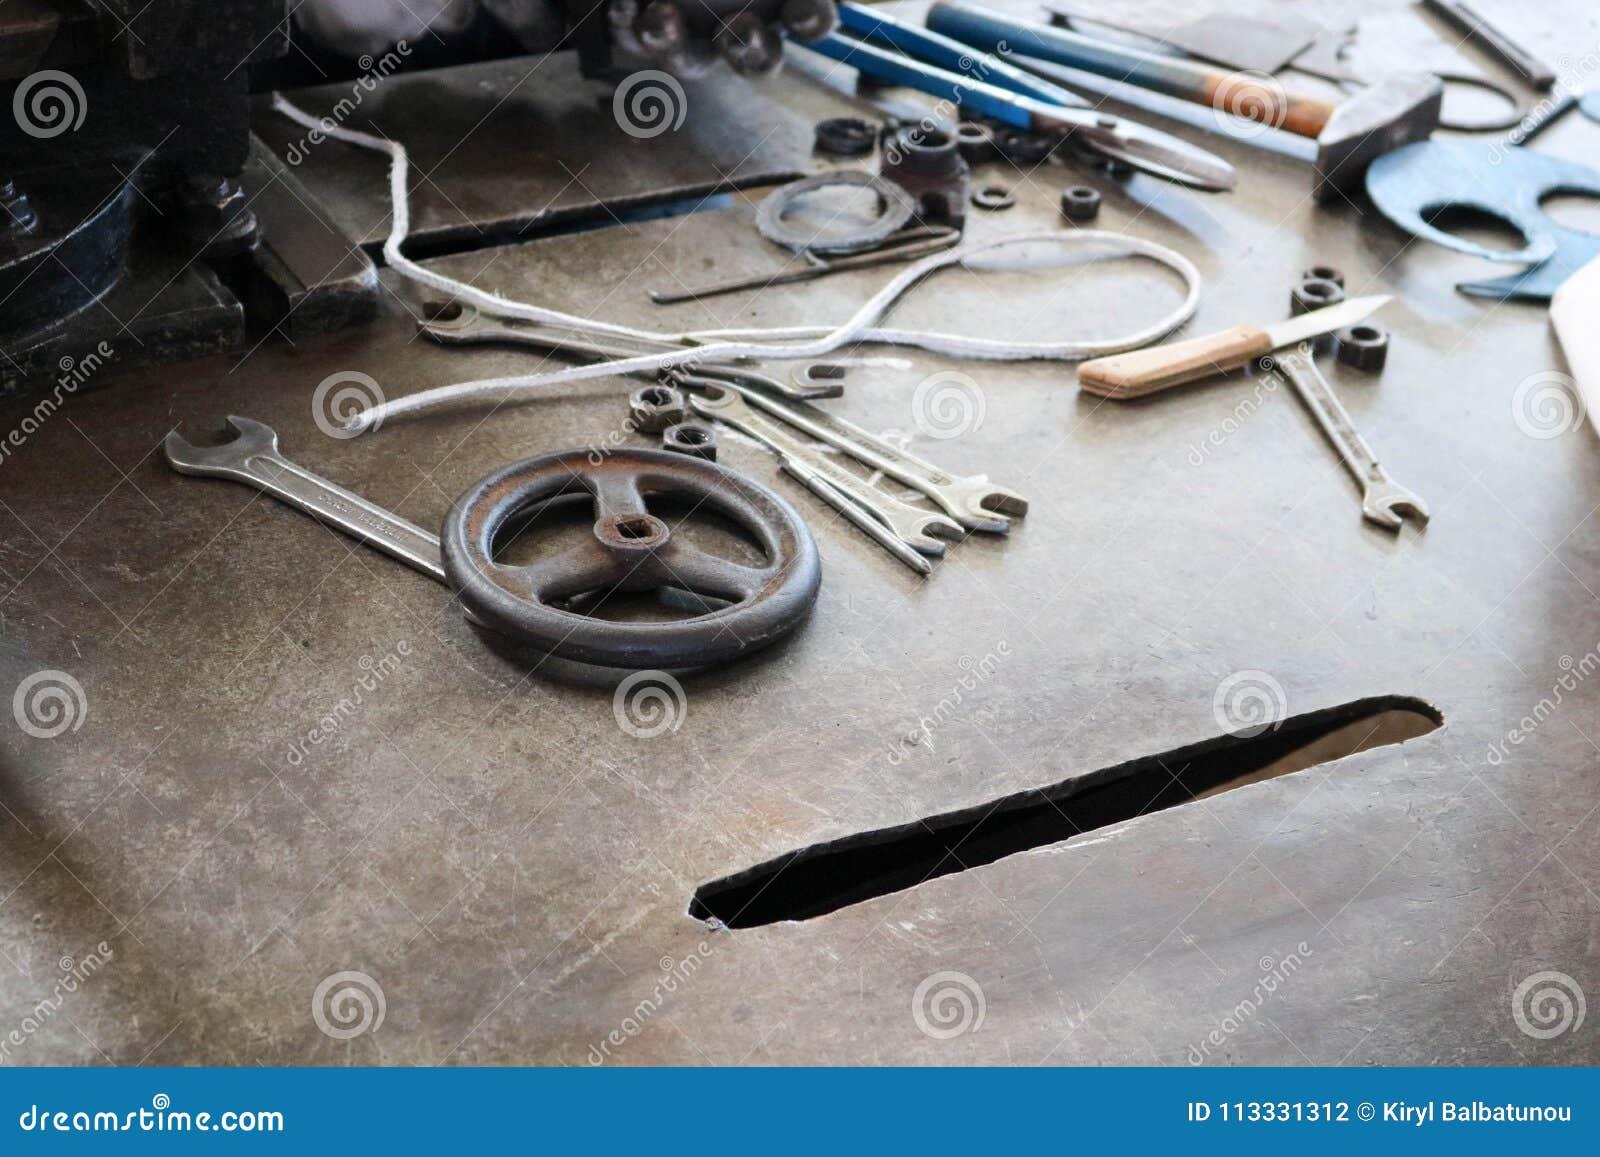 Une table de fer avec un outil de métal ouvré, clés, marteaux, tournevis, pinces, couteaux, valves dans l usine, une usine